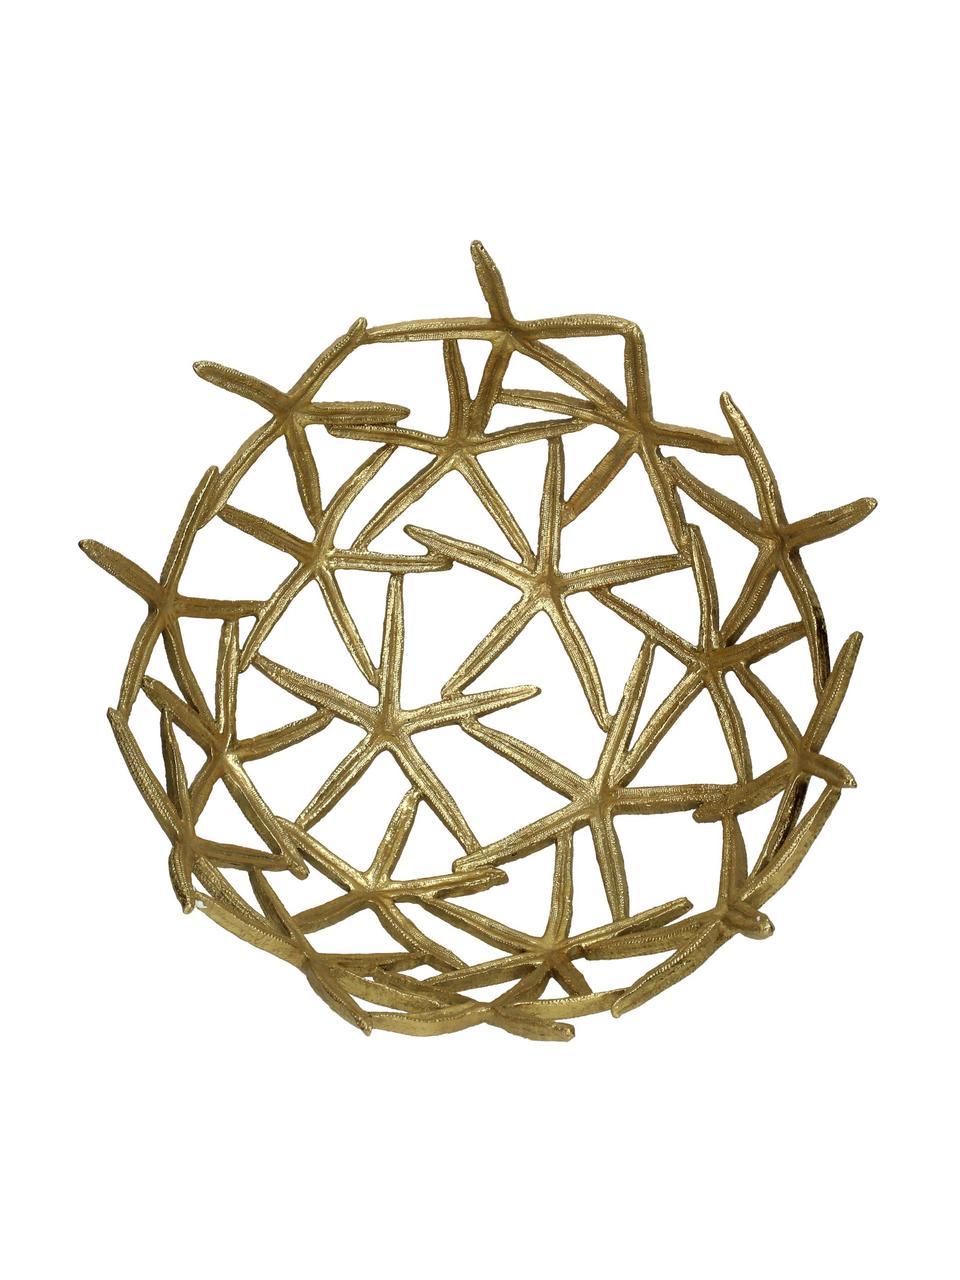 Decoratieve schaal Seastar, 15% polyresin, 35% acryl, 25% polyester, 25% kwartszandvulling, Goudkleurig, 35 x 36 cm